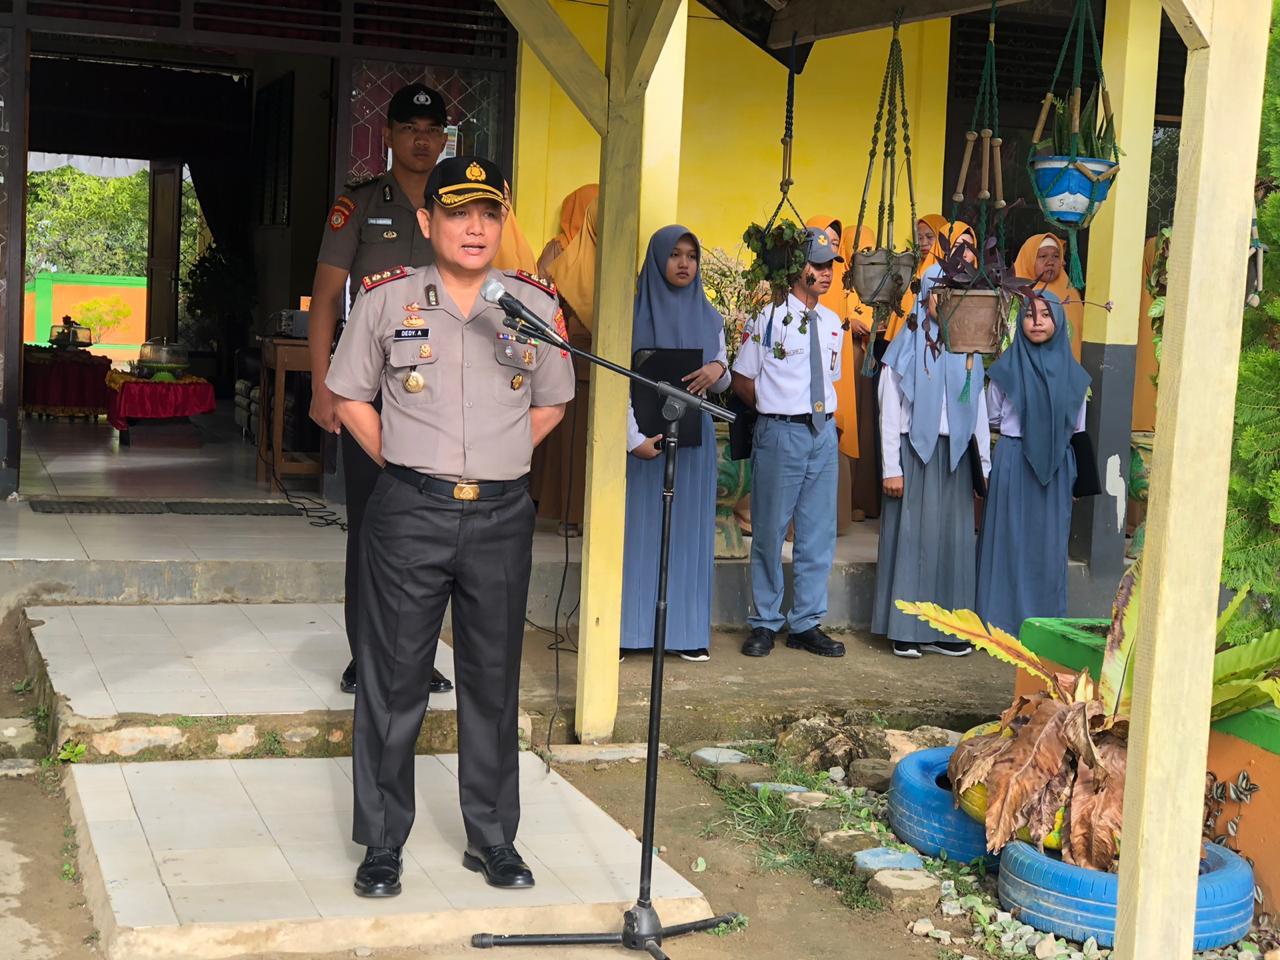 Ketgam : Kepala Kepolisian Resort (Kapolres) Konawe Selatan AKBP. Dedy Adrianto, SH saat menjadi inspektur Upacara di SMA Negeri 3 Konsel.